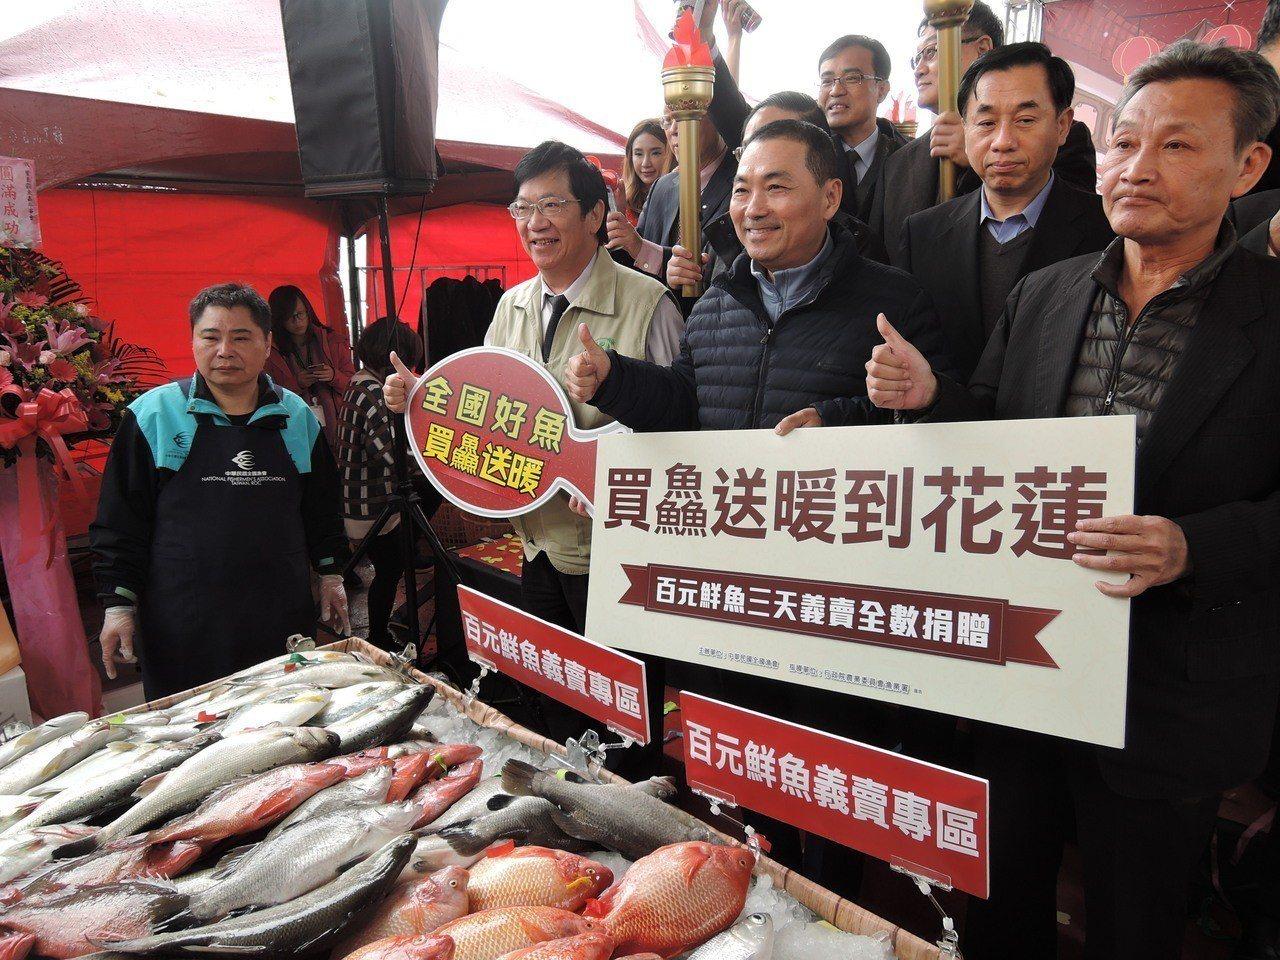 新北市漁貨大街昨天開賣,推出百元鮮魚義賣和一元競標,三天活動所得將全 數捐助花蓮...